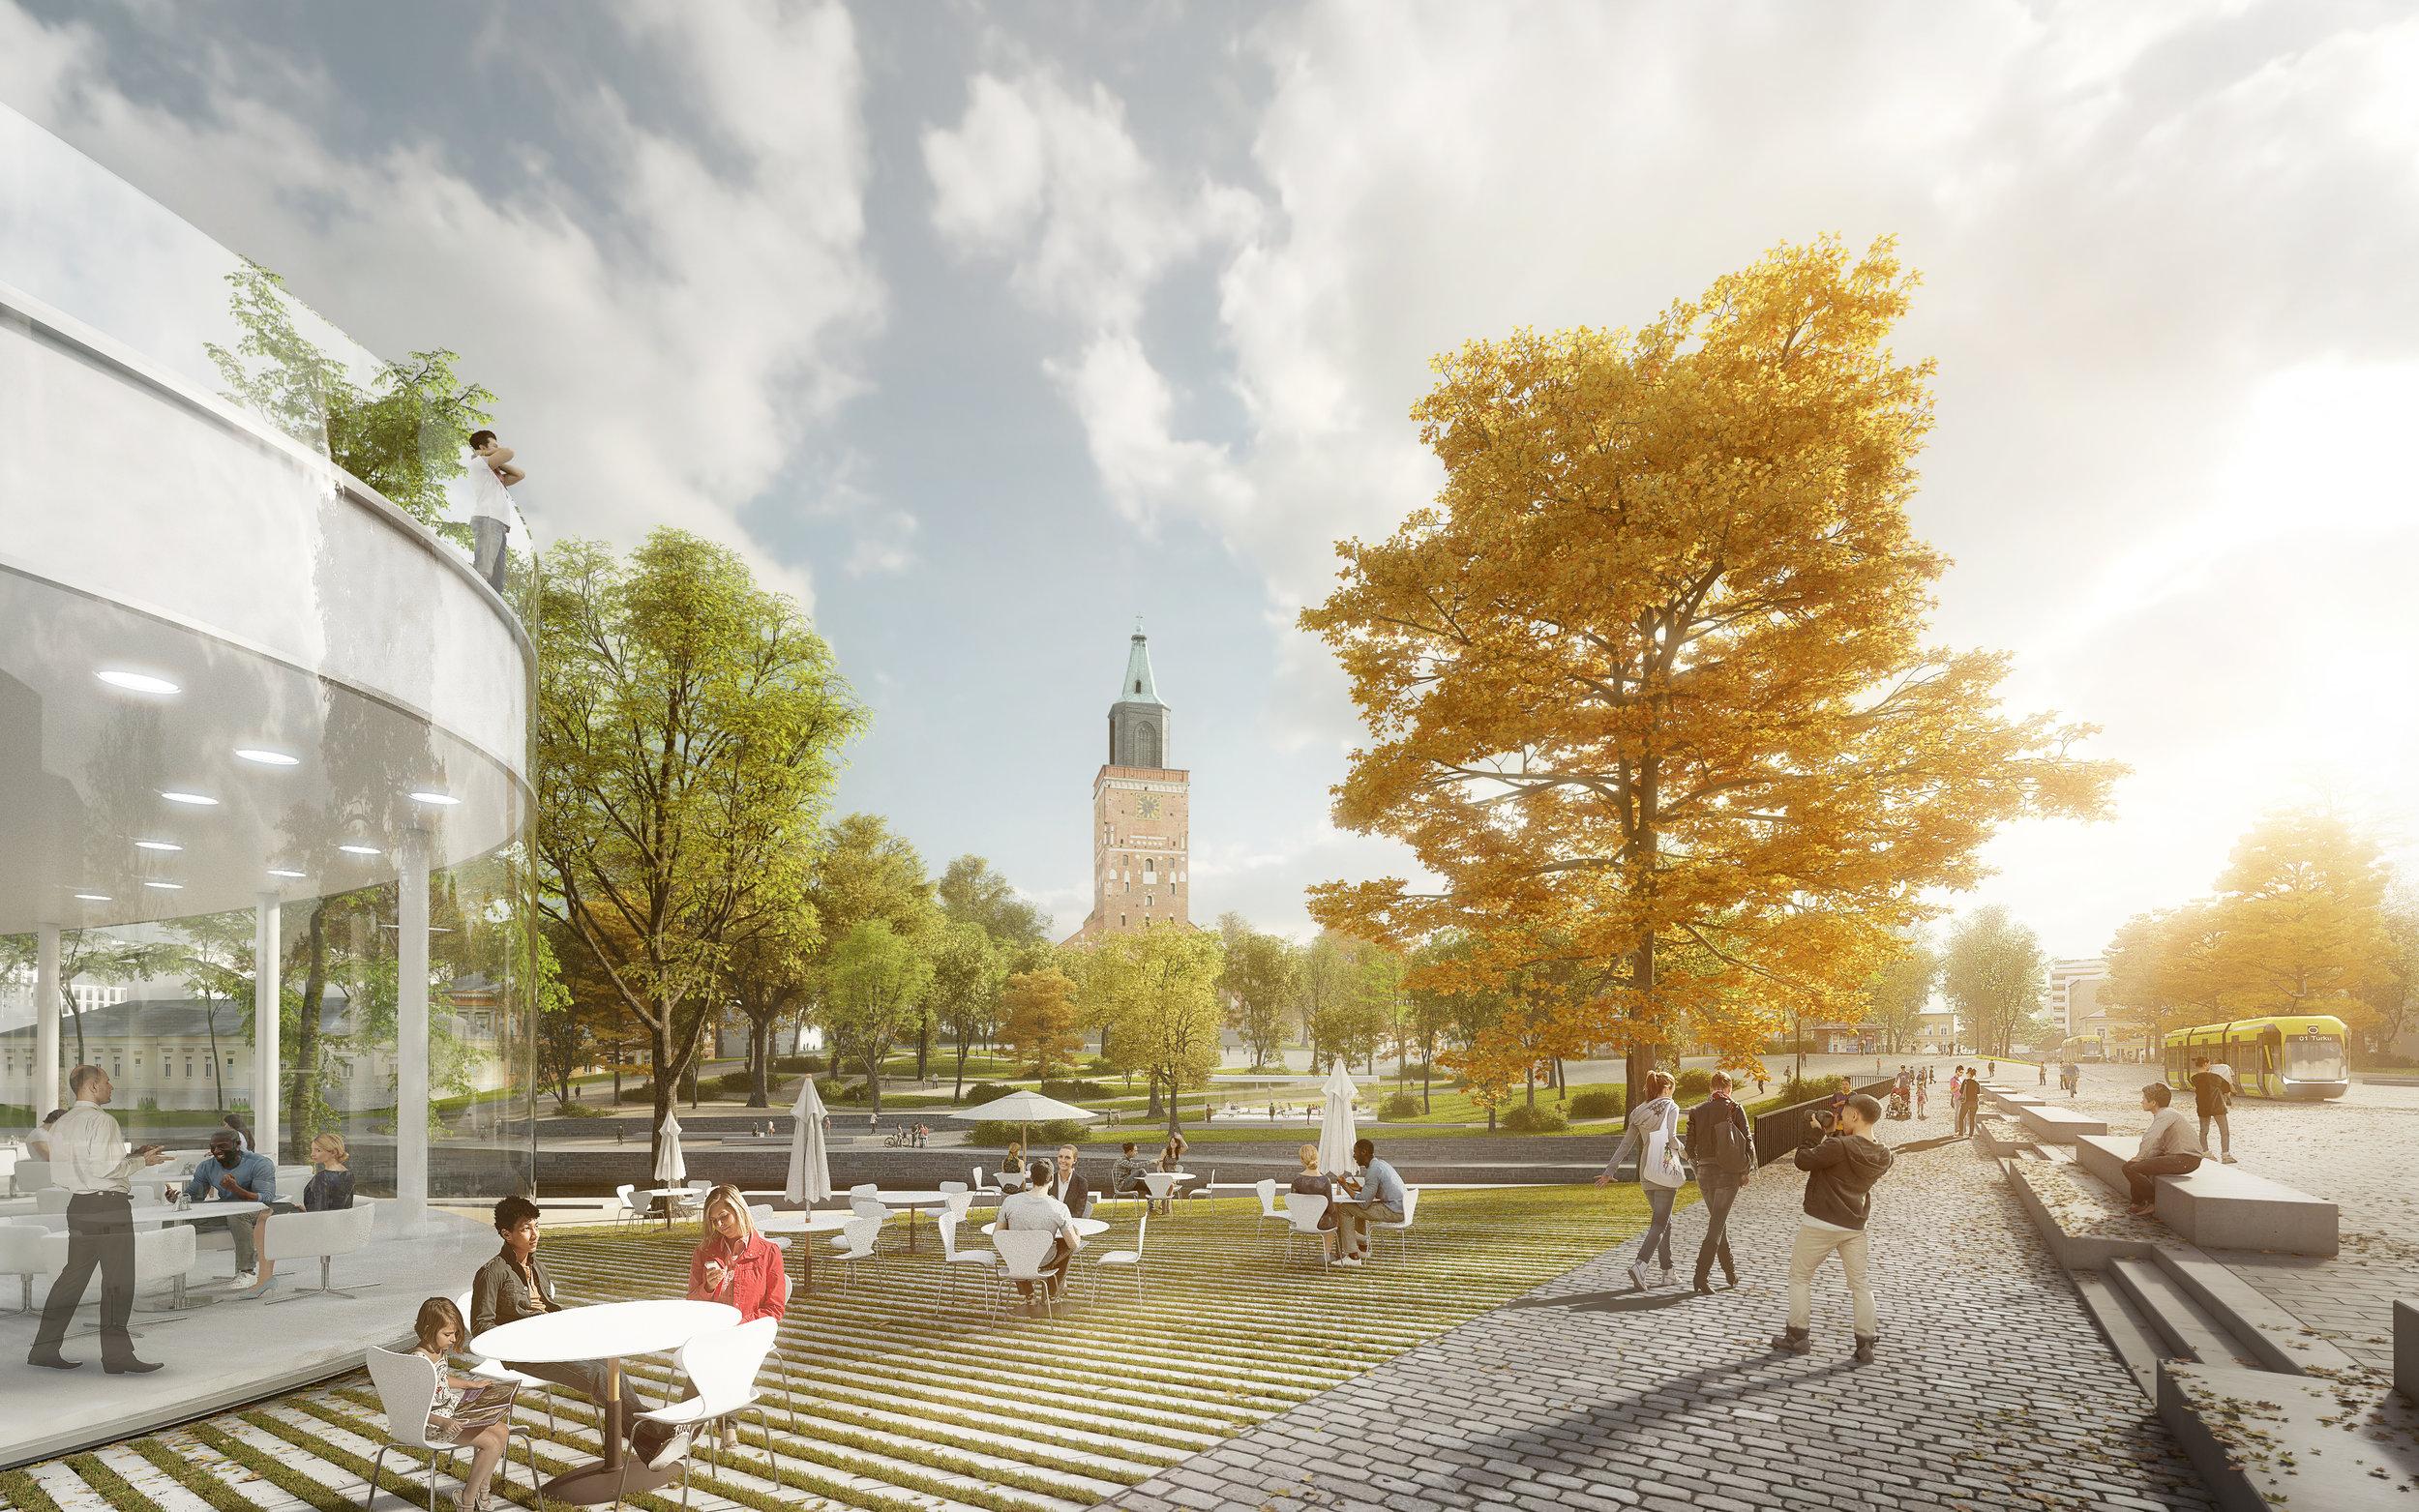 keskustavisio-vanhakaupunki-lunden-architecture-company.jpg